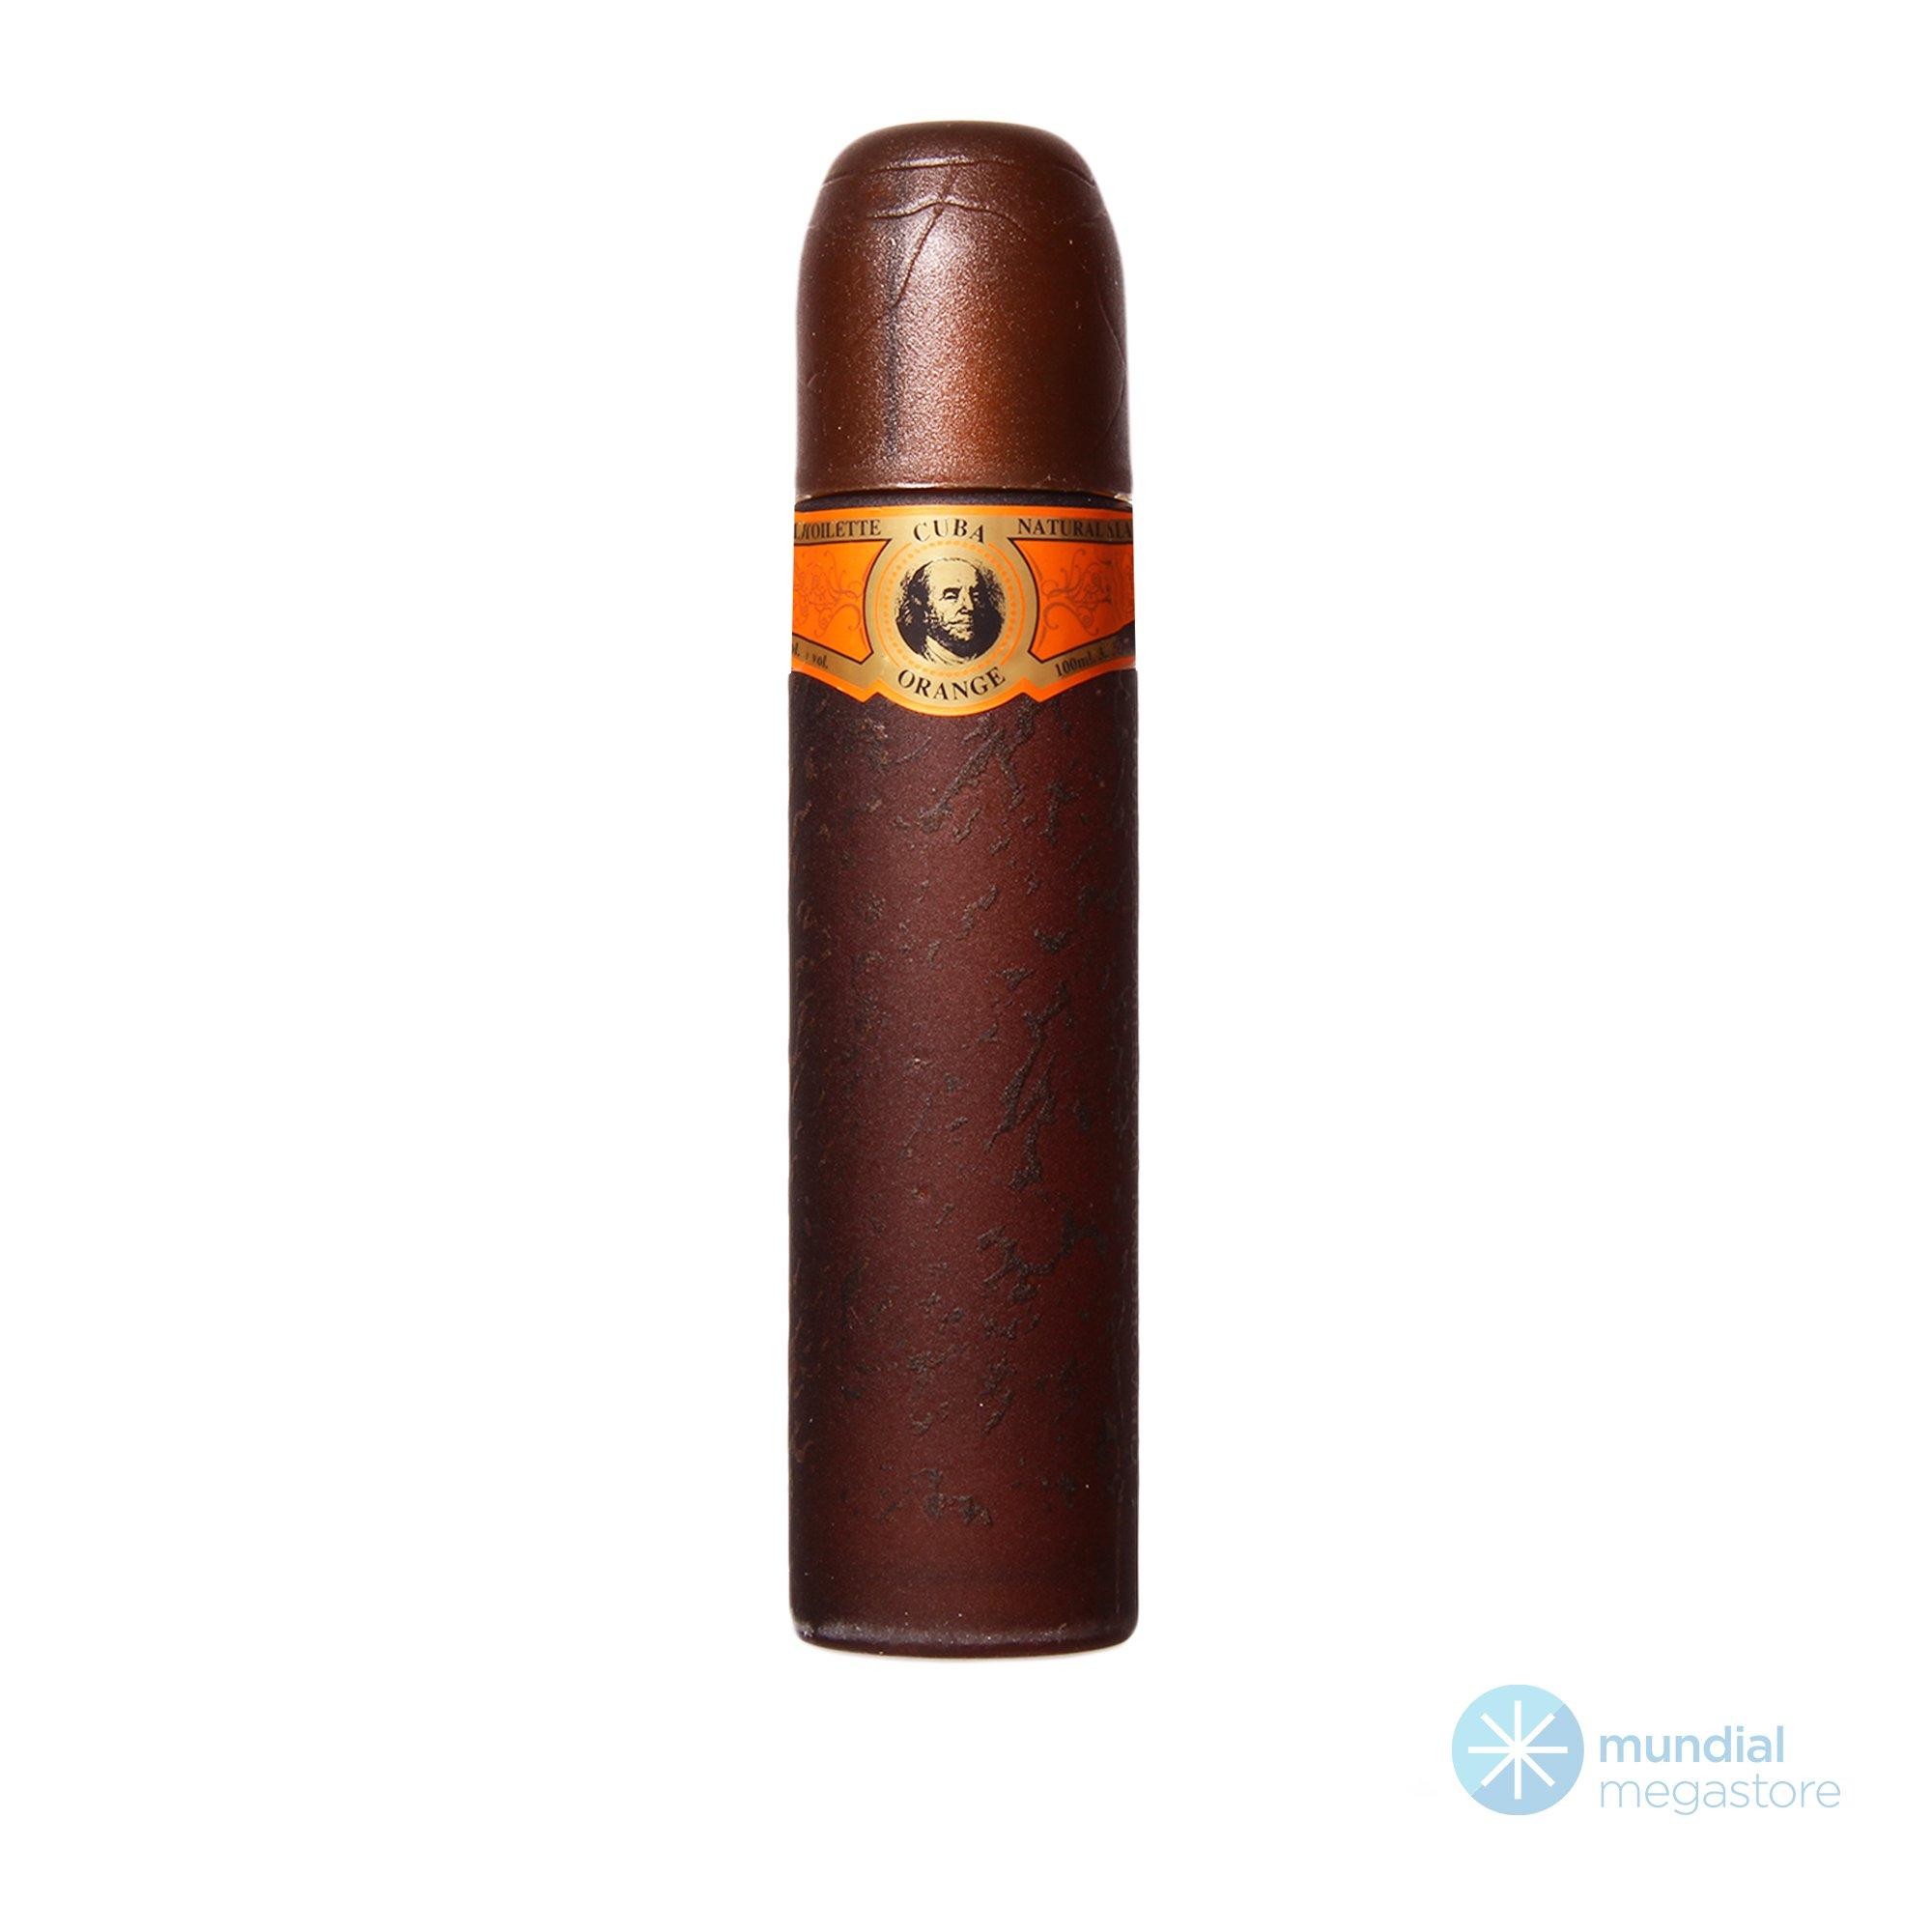 perfume cuba orange masculino 100 ml desire alfred dunhill 45357 2000 195904